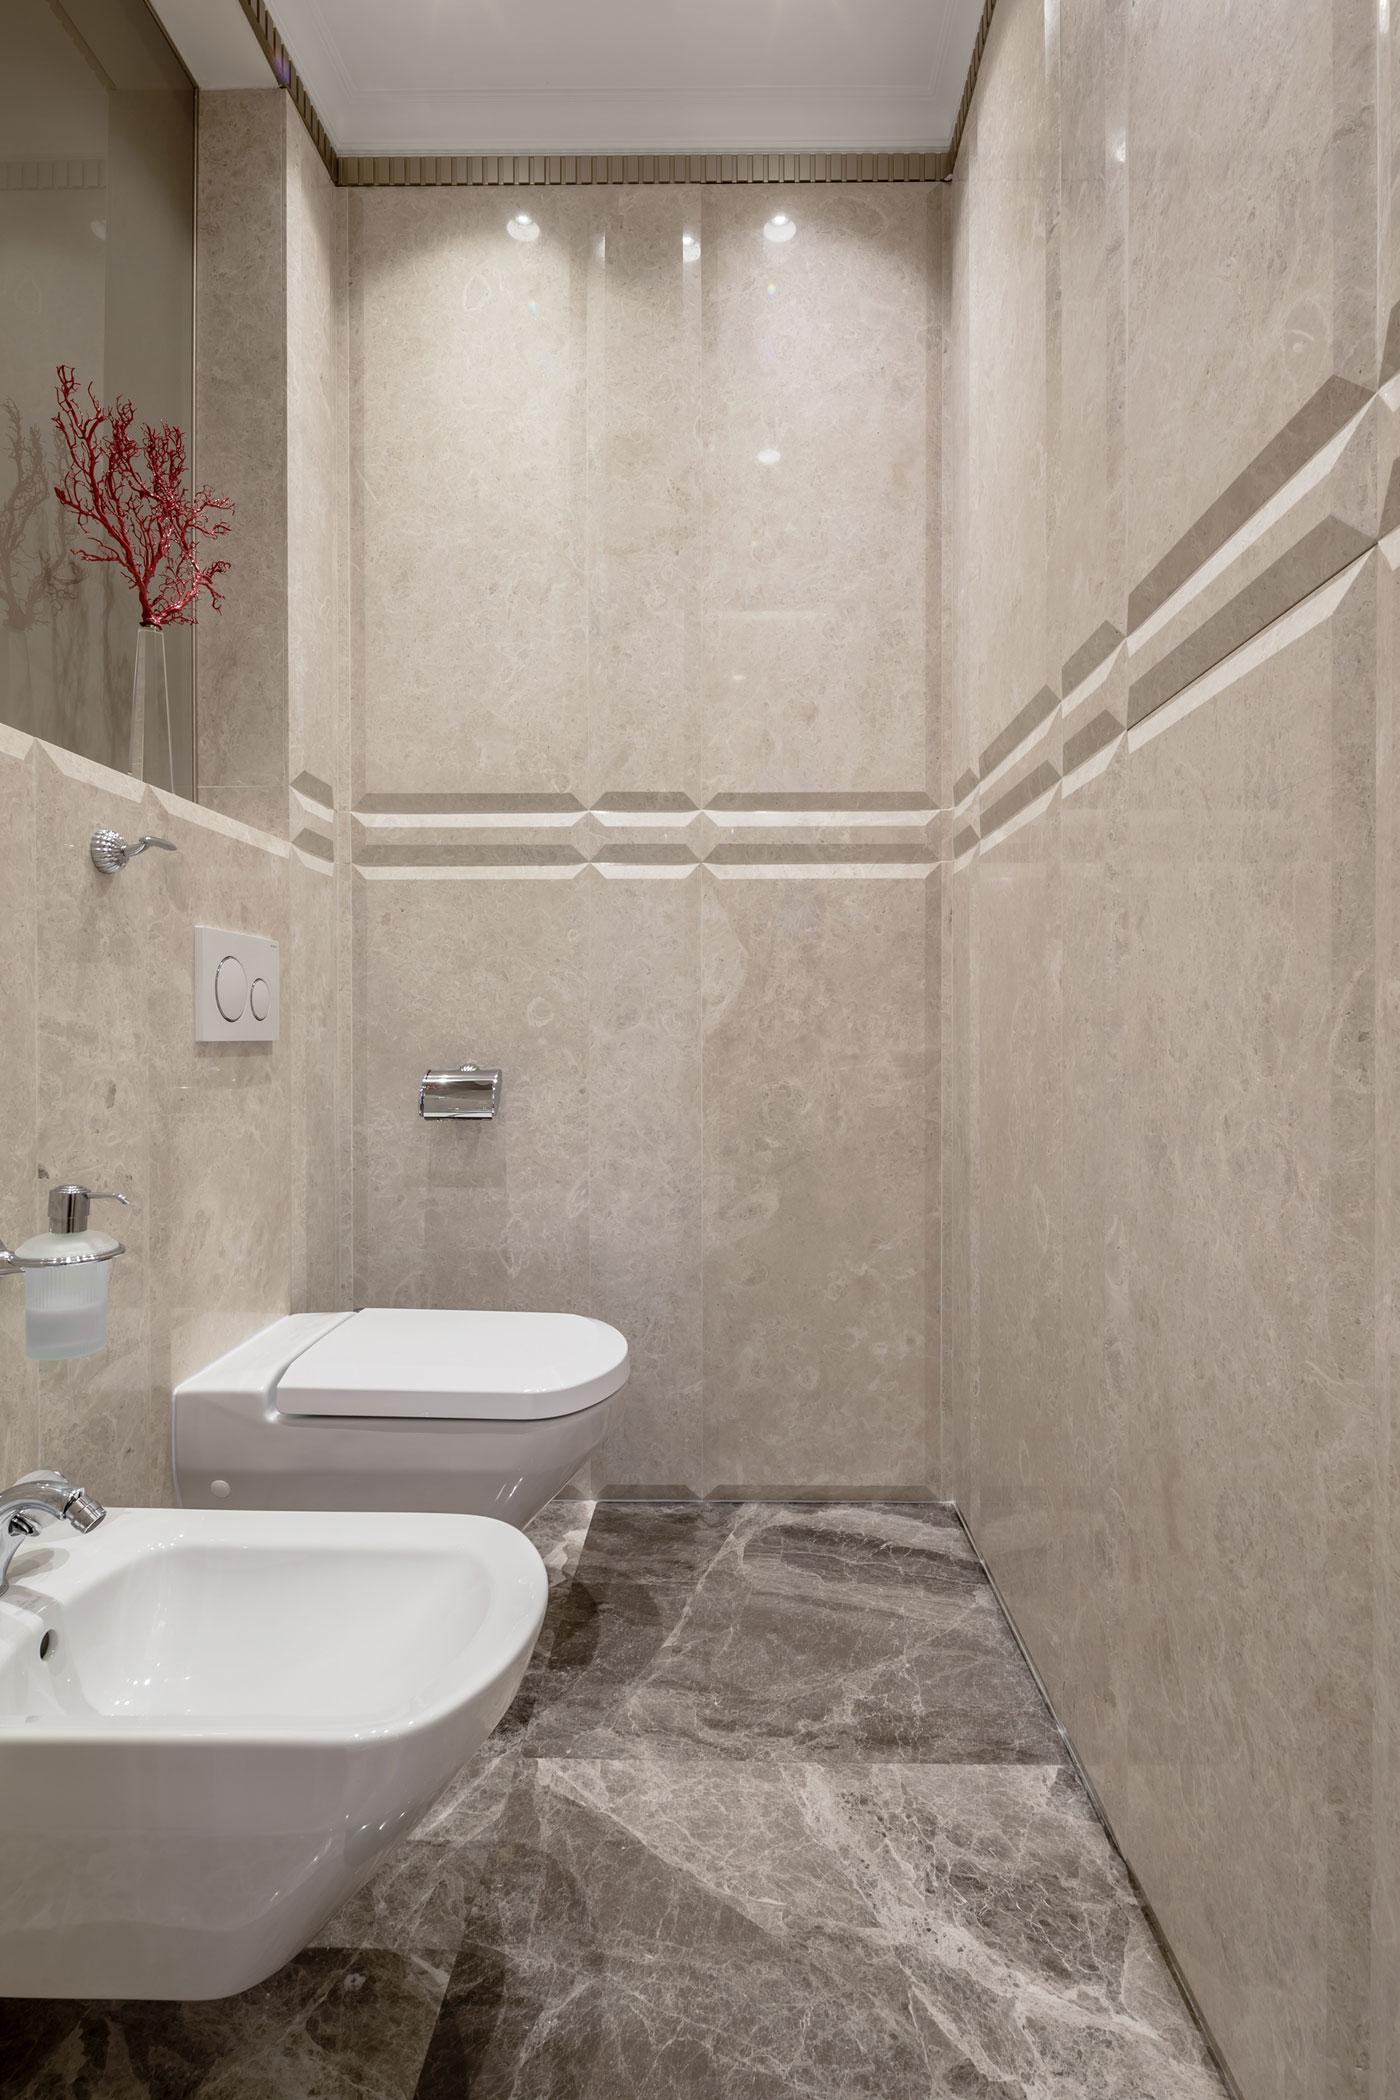 Badkamer frans badkamer ontwerp idee n voor uw huis samen met meubels die het - Klassieke badkamer meubels ...